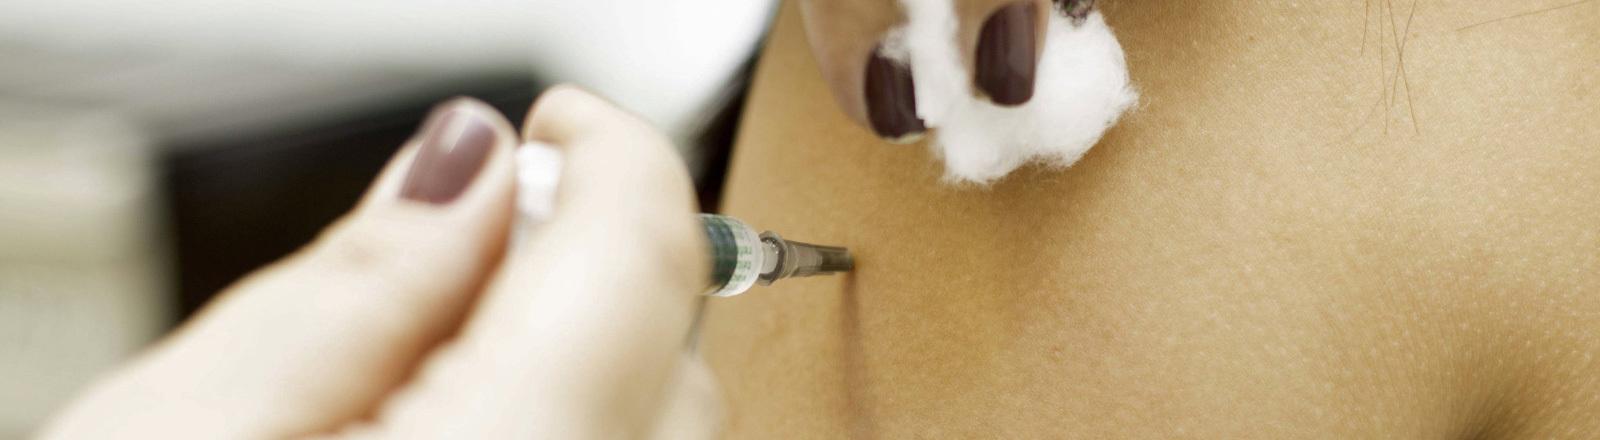 Grippeimpfung - eine Ärztin sticht einer Patientin mit der Nadel in den Arm.